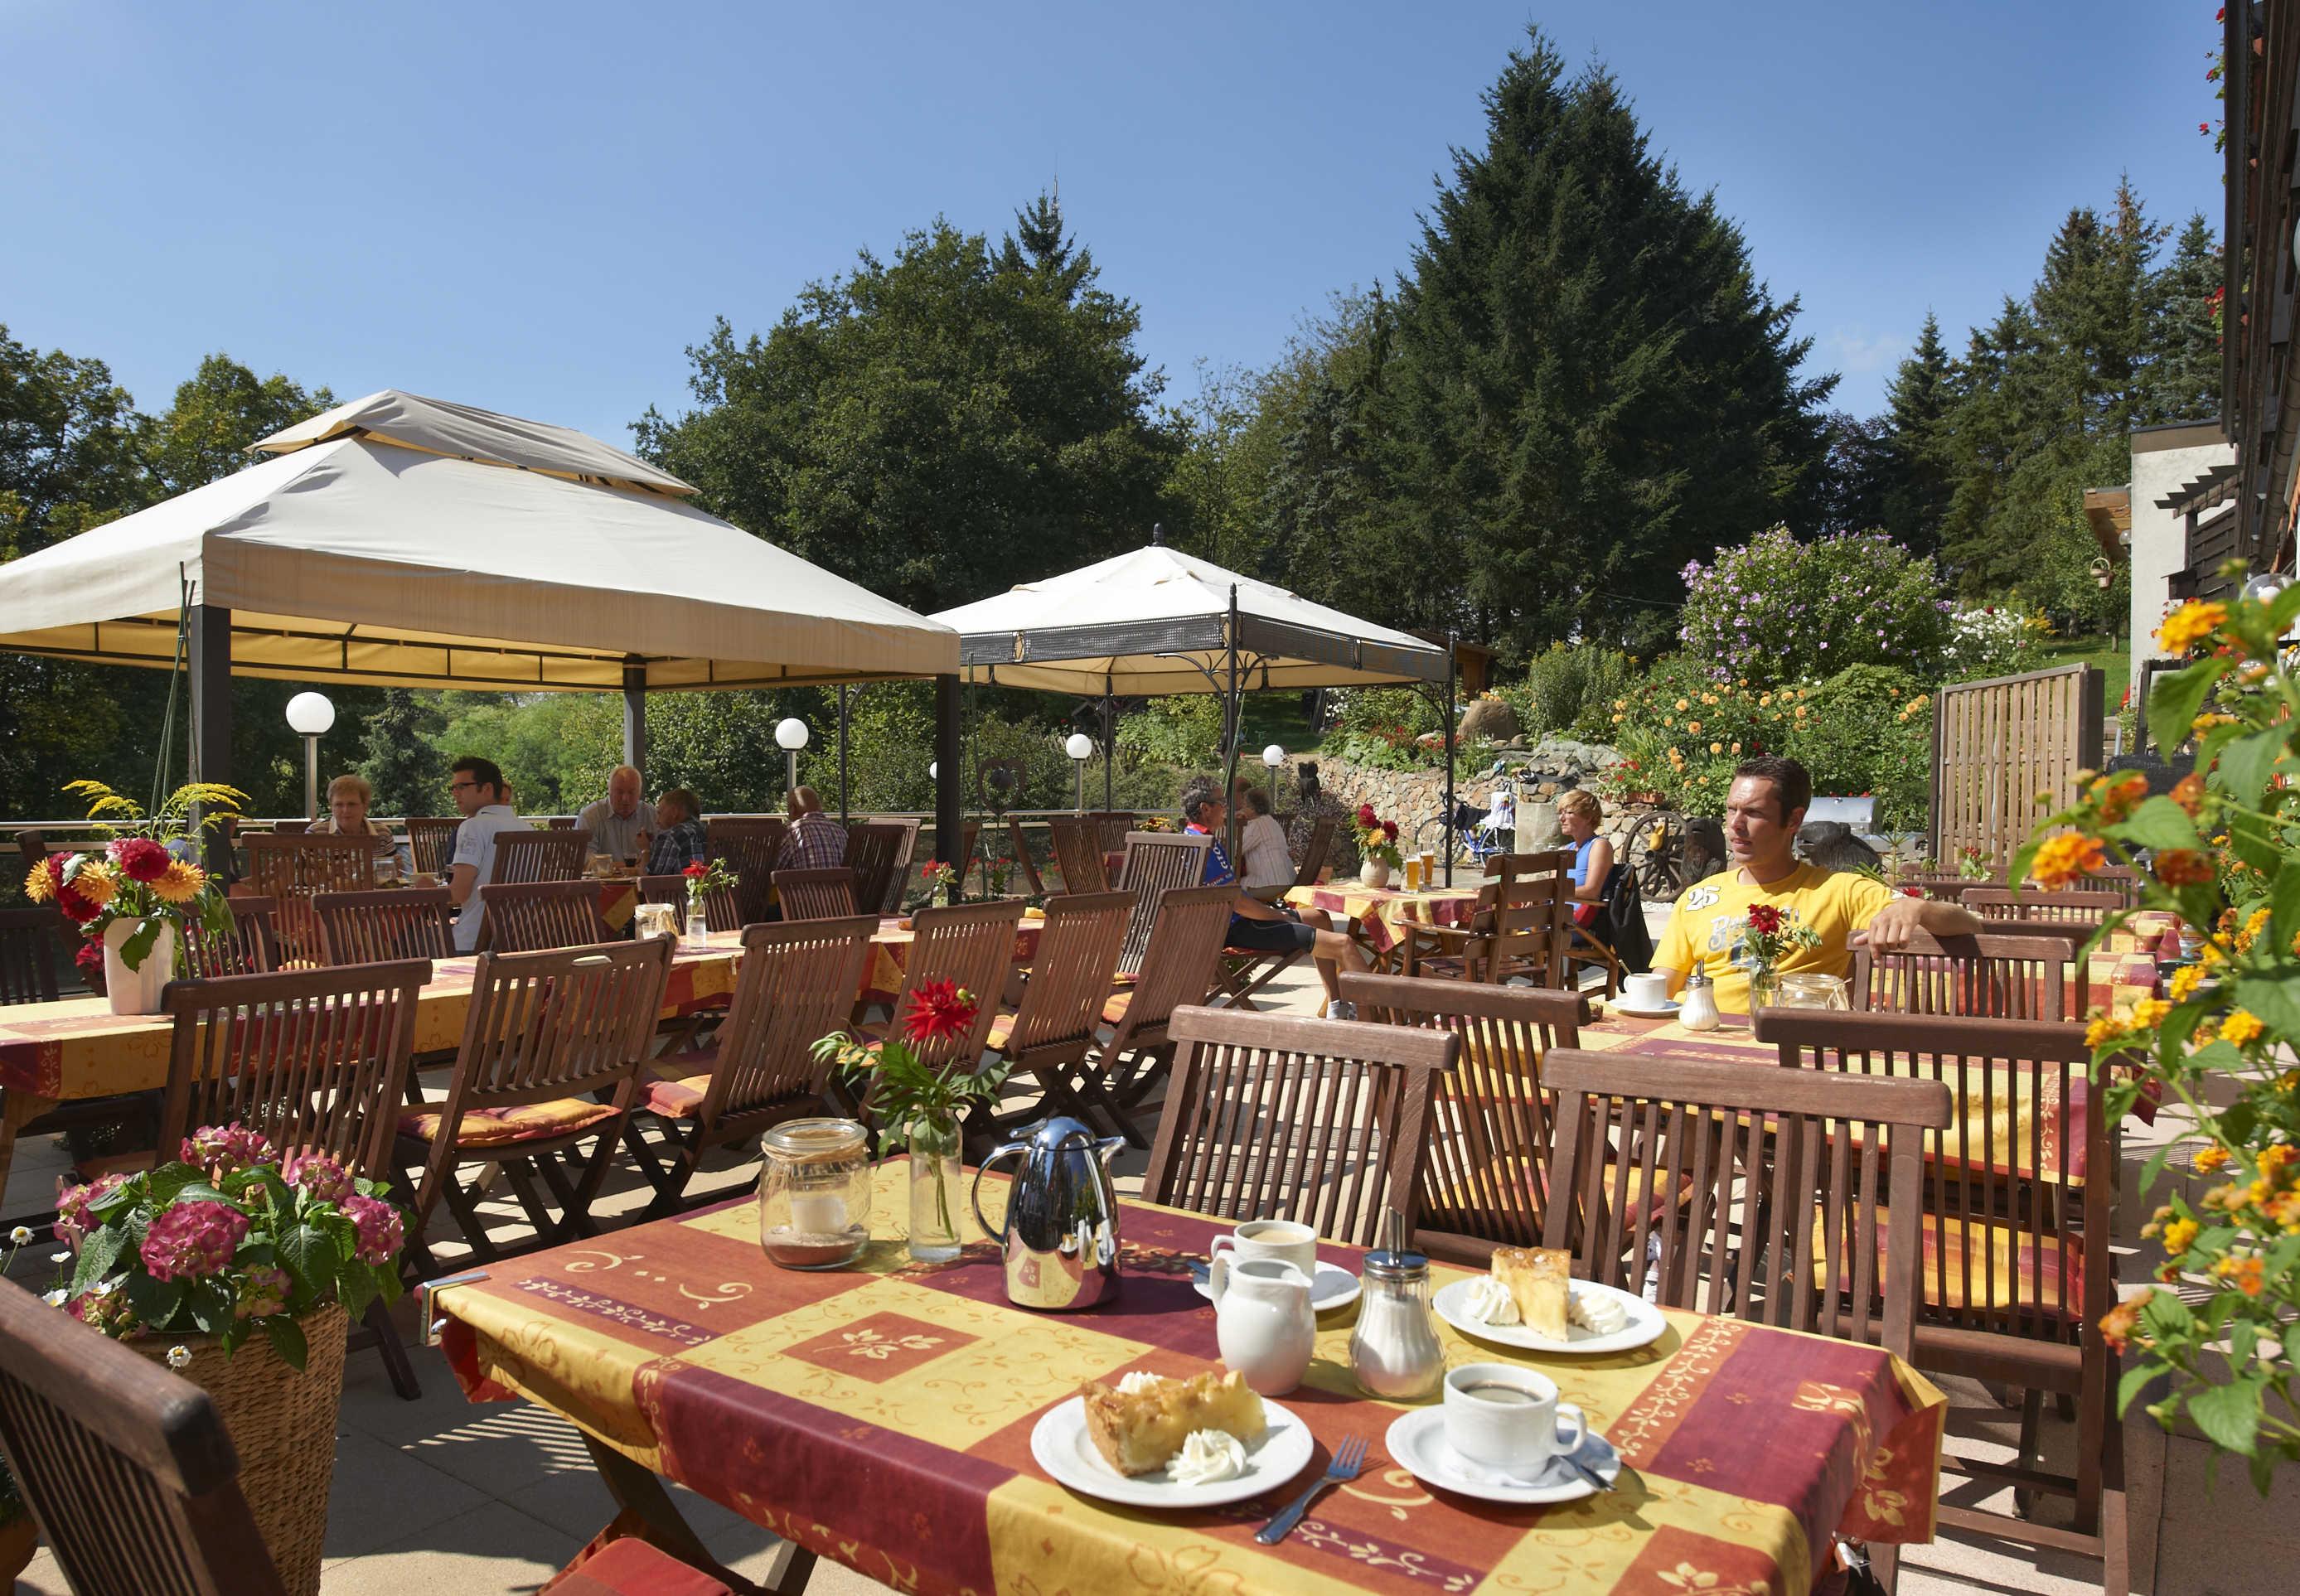 Sun terrace with tables